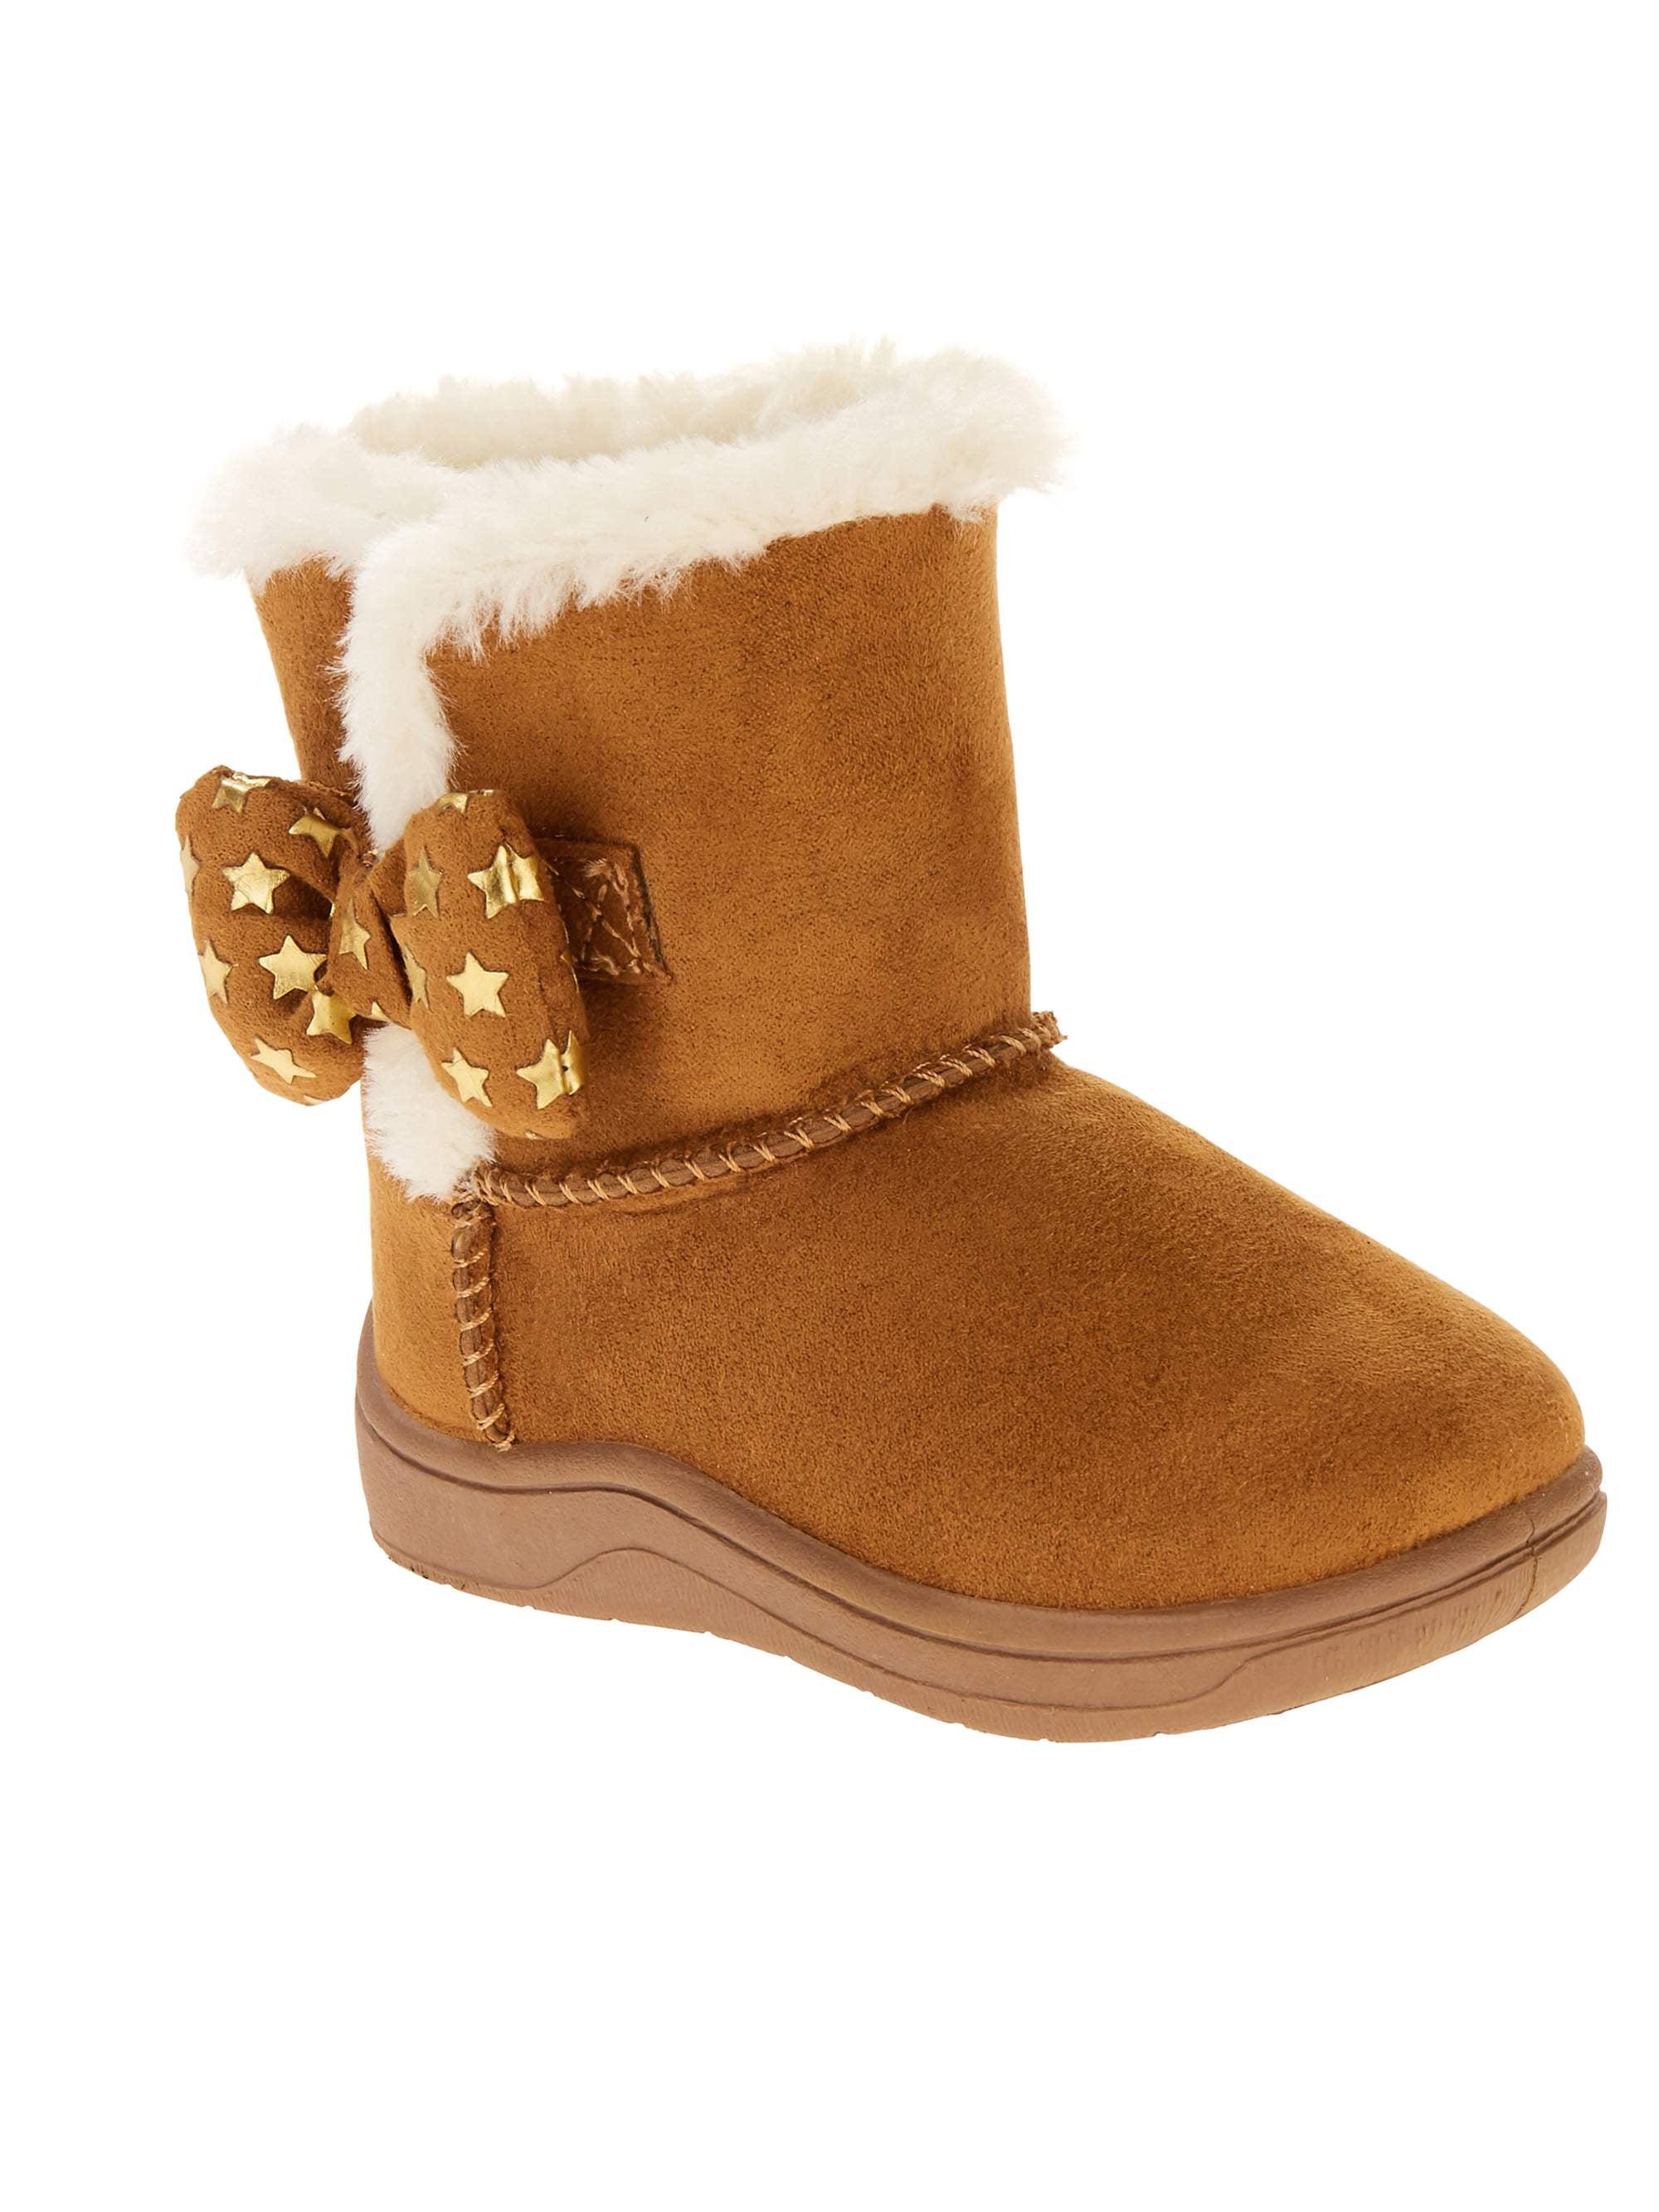 Prewalk Shearling1 Boot